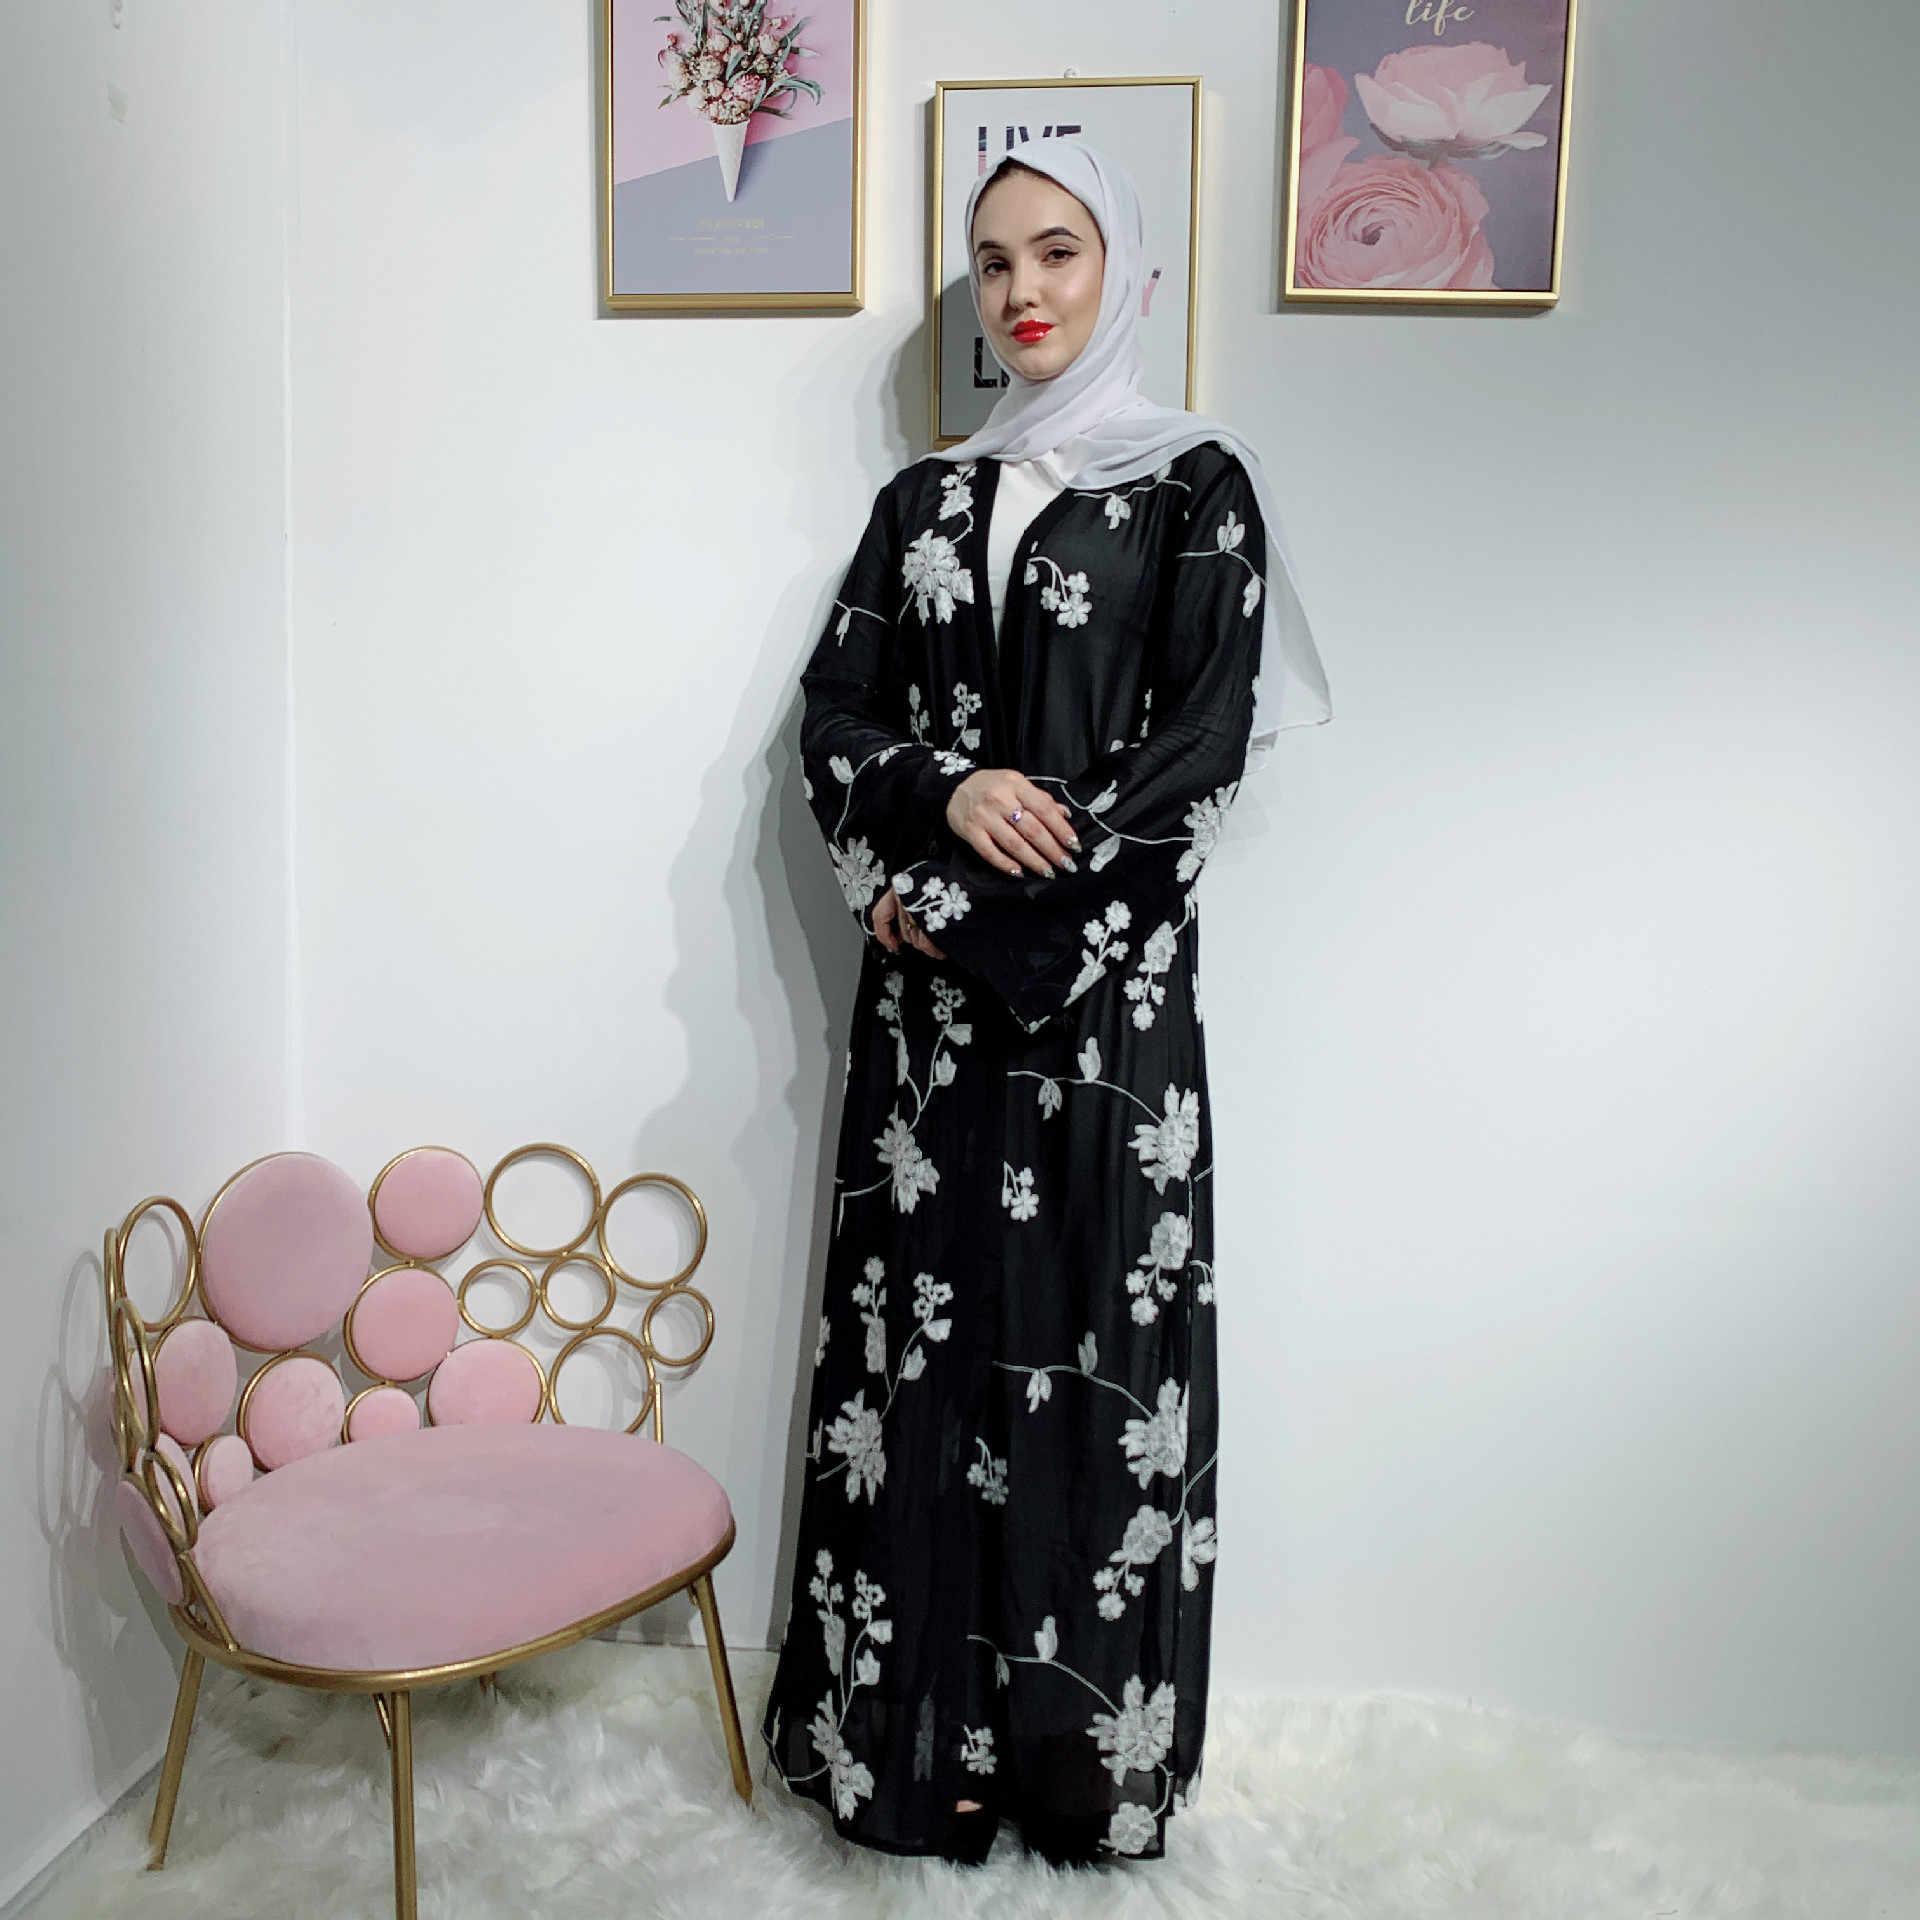 Elegante Moslim Print Abaya Vest Maxi Jurk Kimono Lange Gewaden Vrouwelijke Vestidos Midden-oosten Ramadan Turkse Islamitische Gebed